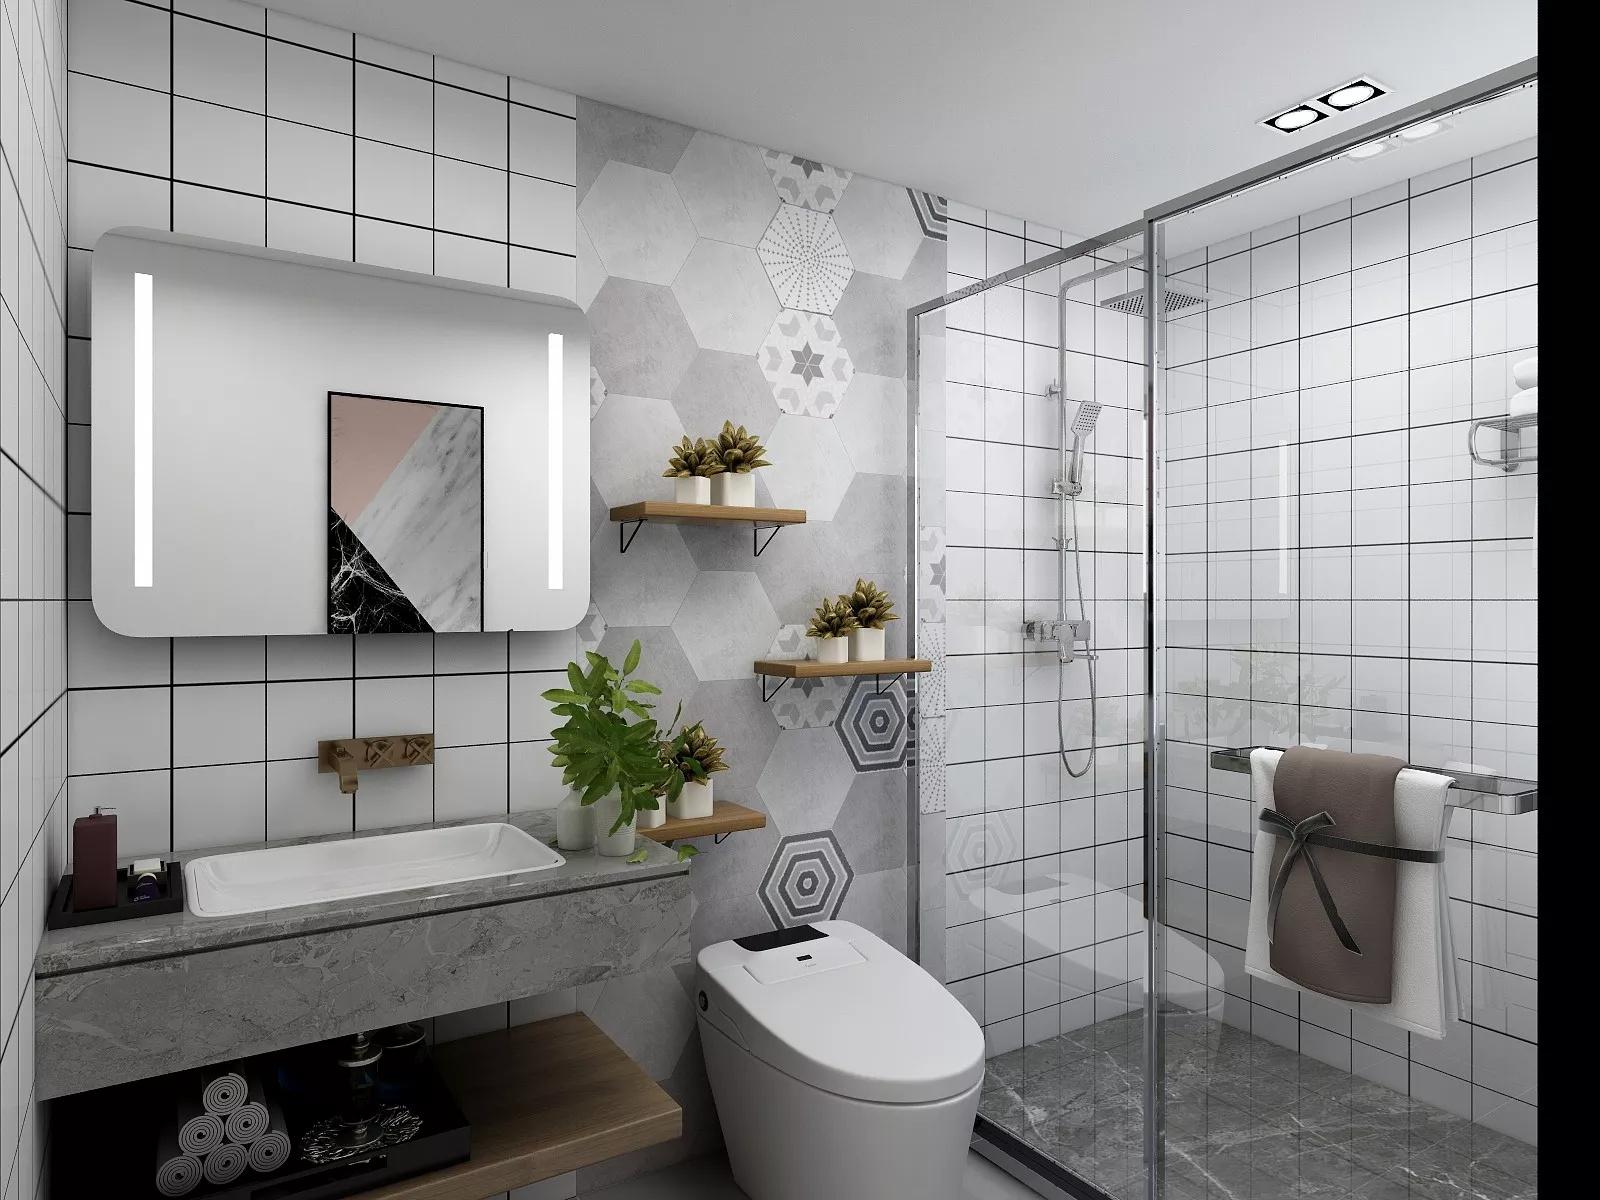 衛浴熱水器水管要怎么維修?衛浴熱水器水管故障怎么辦?